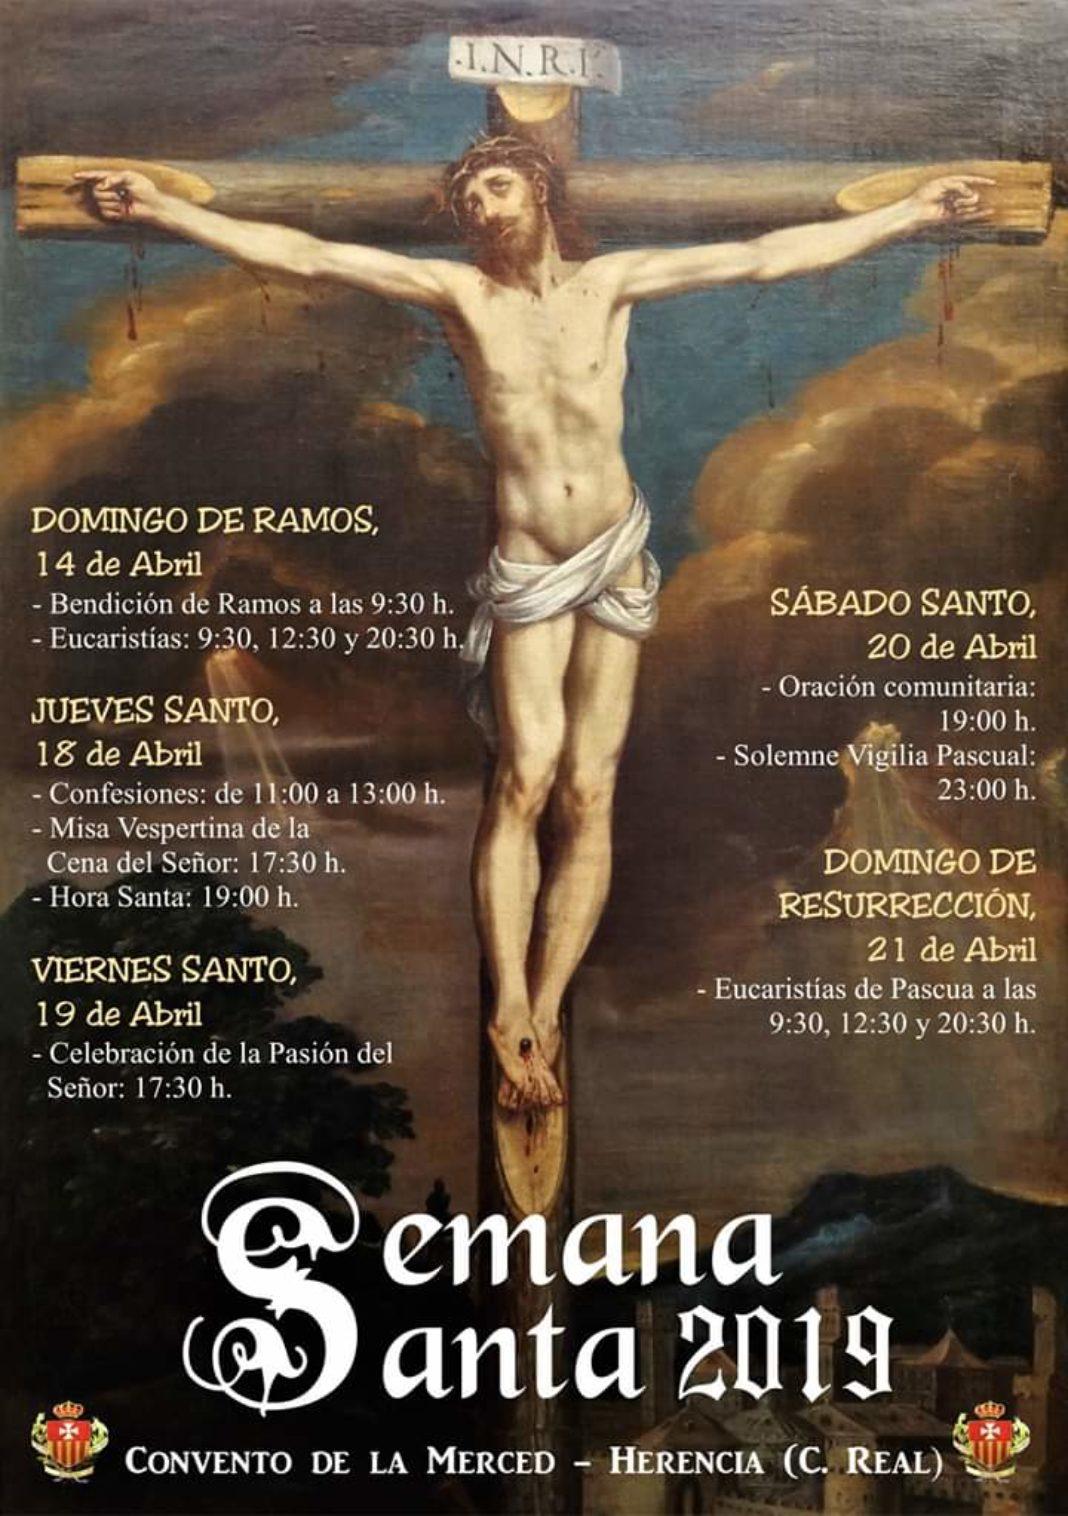 Celebraciones de Semana Santa en la Iglesia Conventual de la Merced 1068x1516 - Celebraciones de Semana Santa en la iglesia conventual de La Merced